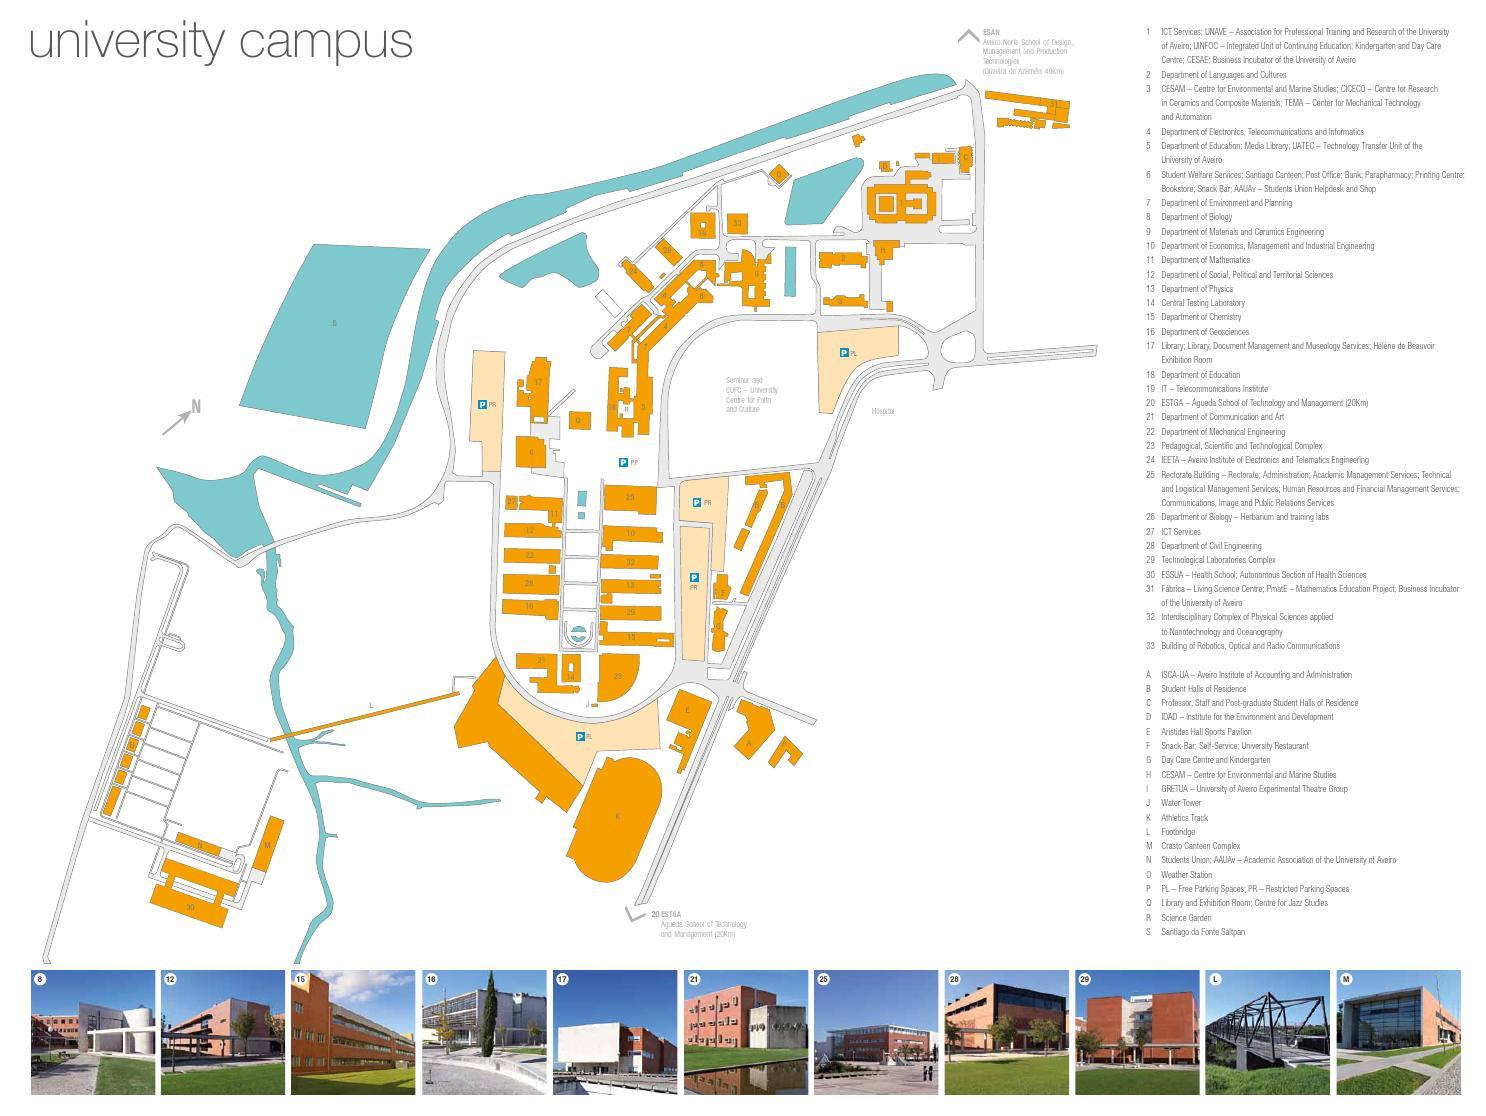 University Of Aveiro Map By Universidade De Aveiro Issuu